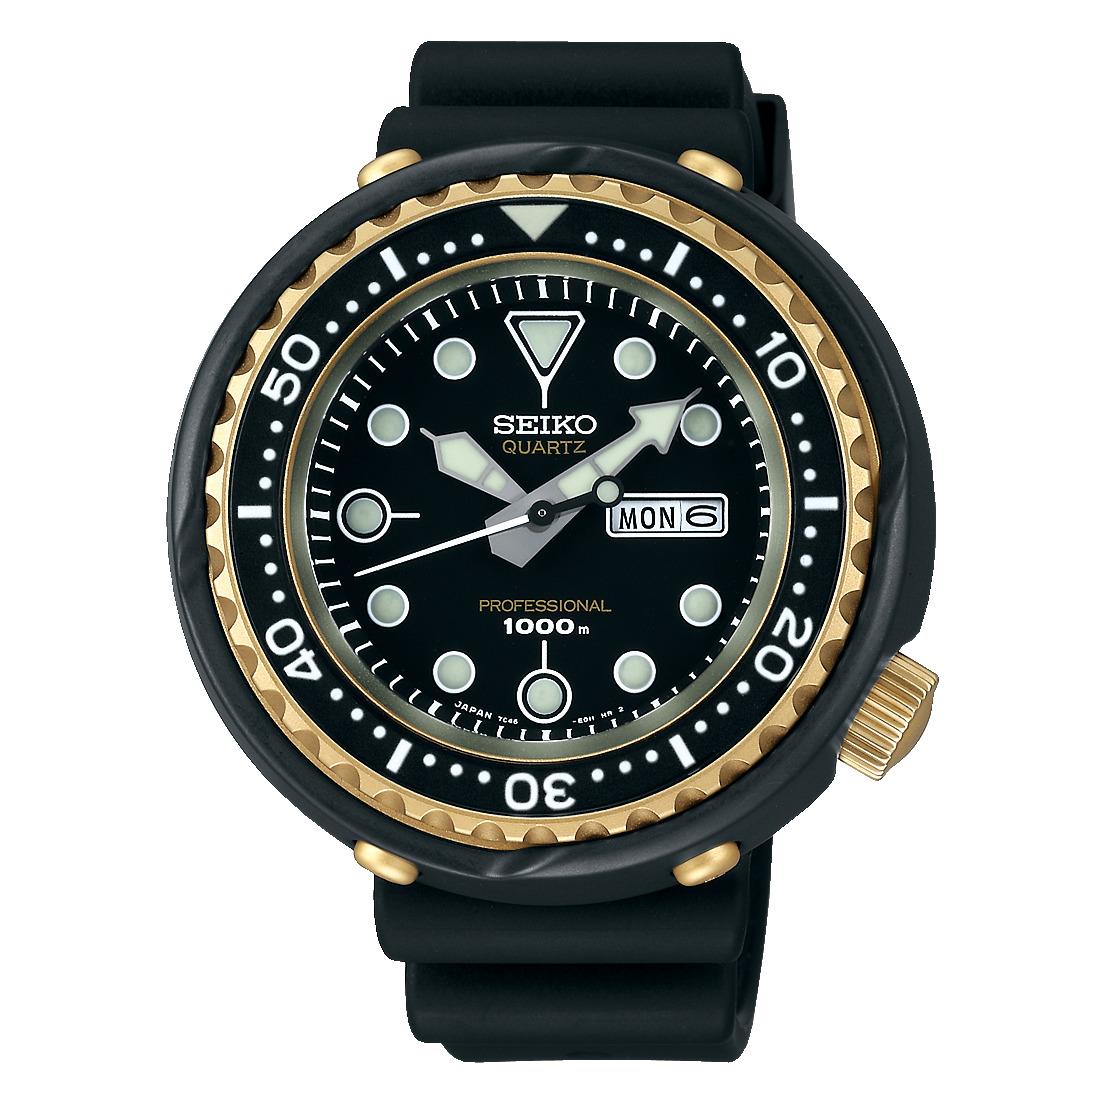 【あす楽】正規品SEIKO(セイコー)PROSPEX(プロスペックス)マリーンマスター【SBBN040】 1978クォーツダイバーズ 復刻デザイン 1978本限定モデル 腕時計 メンズ【SBBN040】